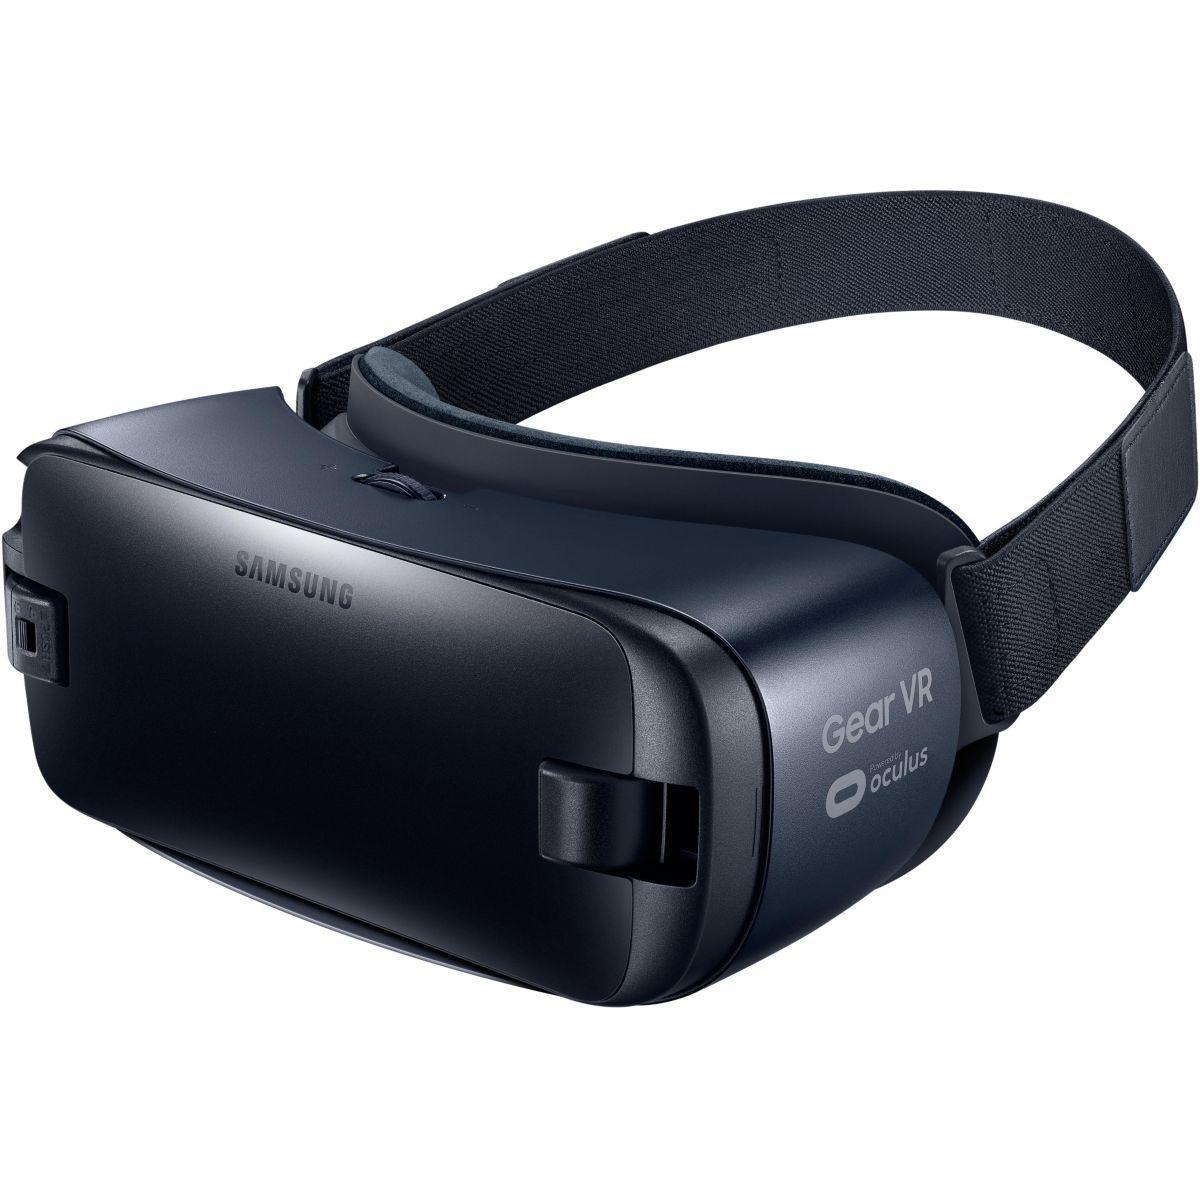 Casque de r�alit� virtuelle samsung casque new gear vr compatible s7 - 20% de remise imm�diate avec le code : automne20 (photo)